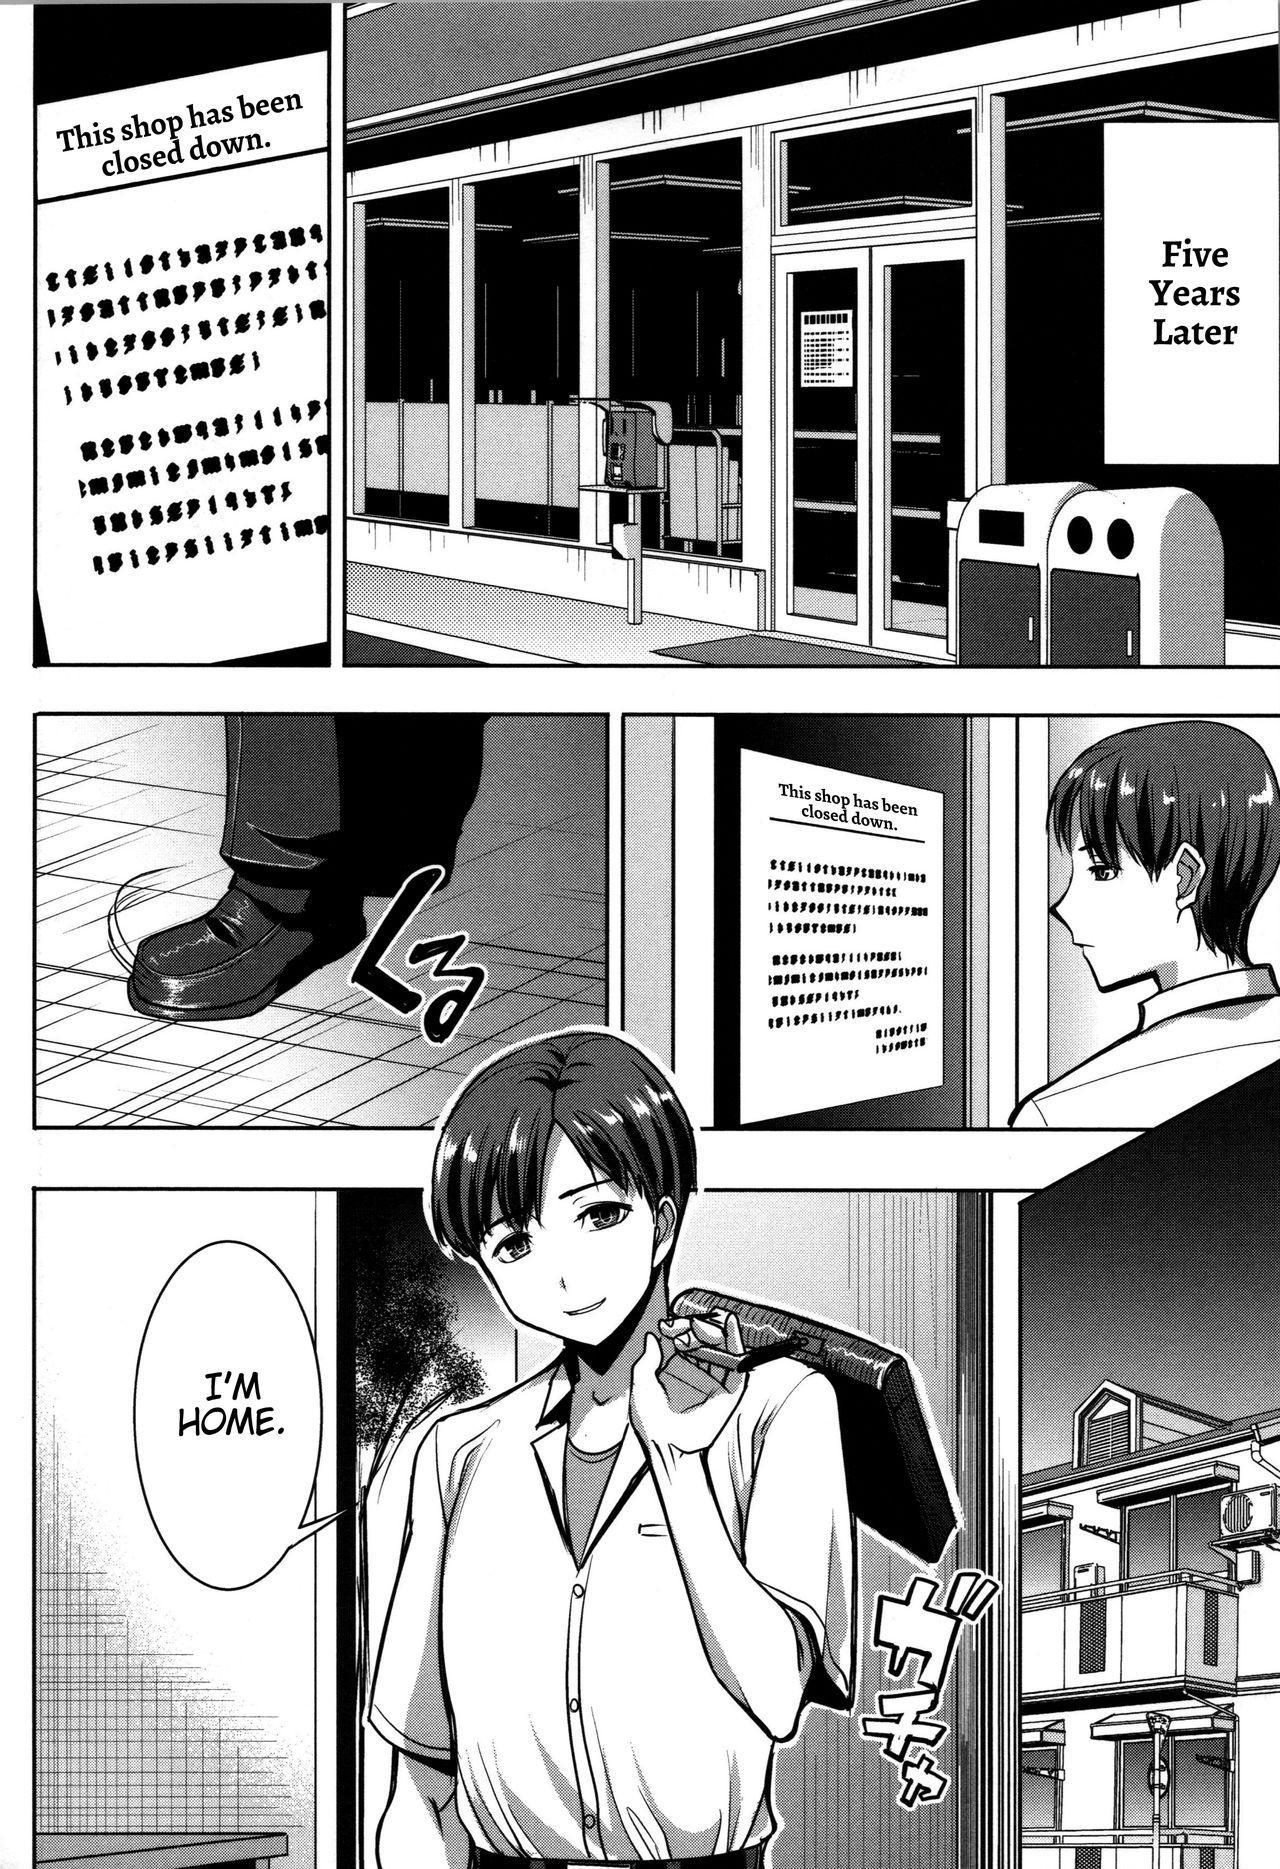 Unsweet - Asahina Ikka Netorareta Haha · Tomoko 145